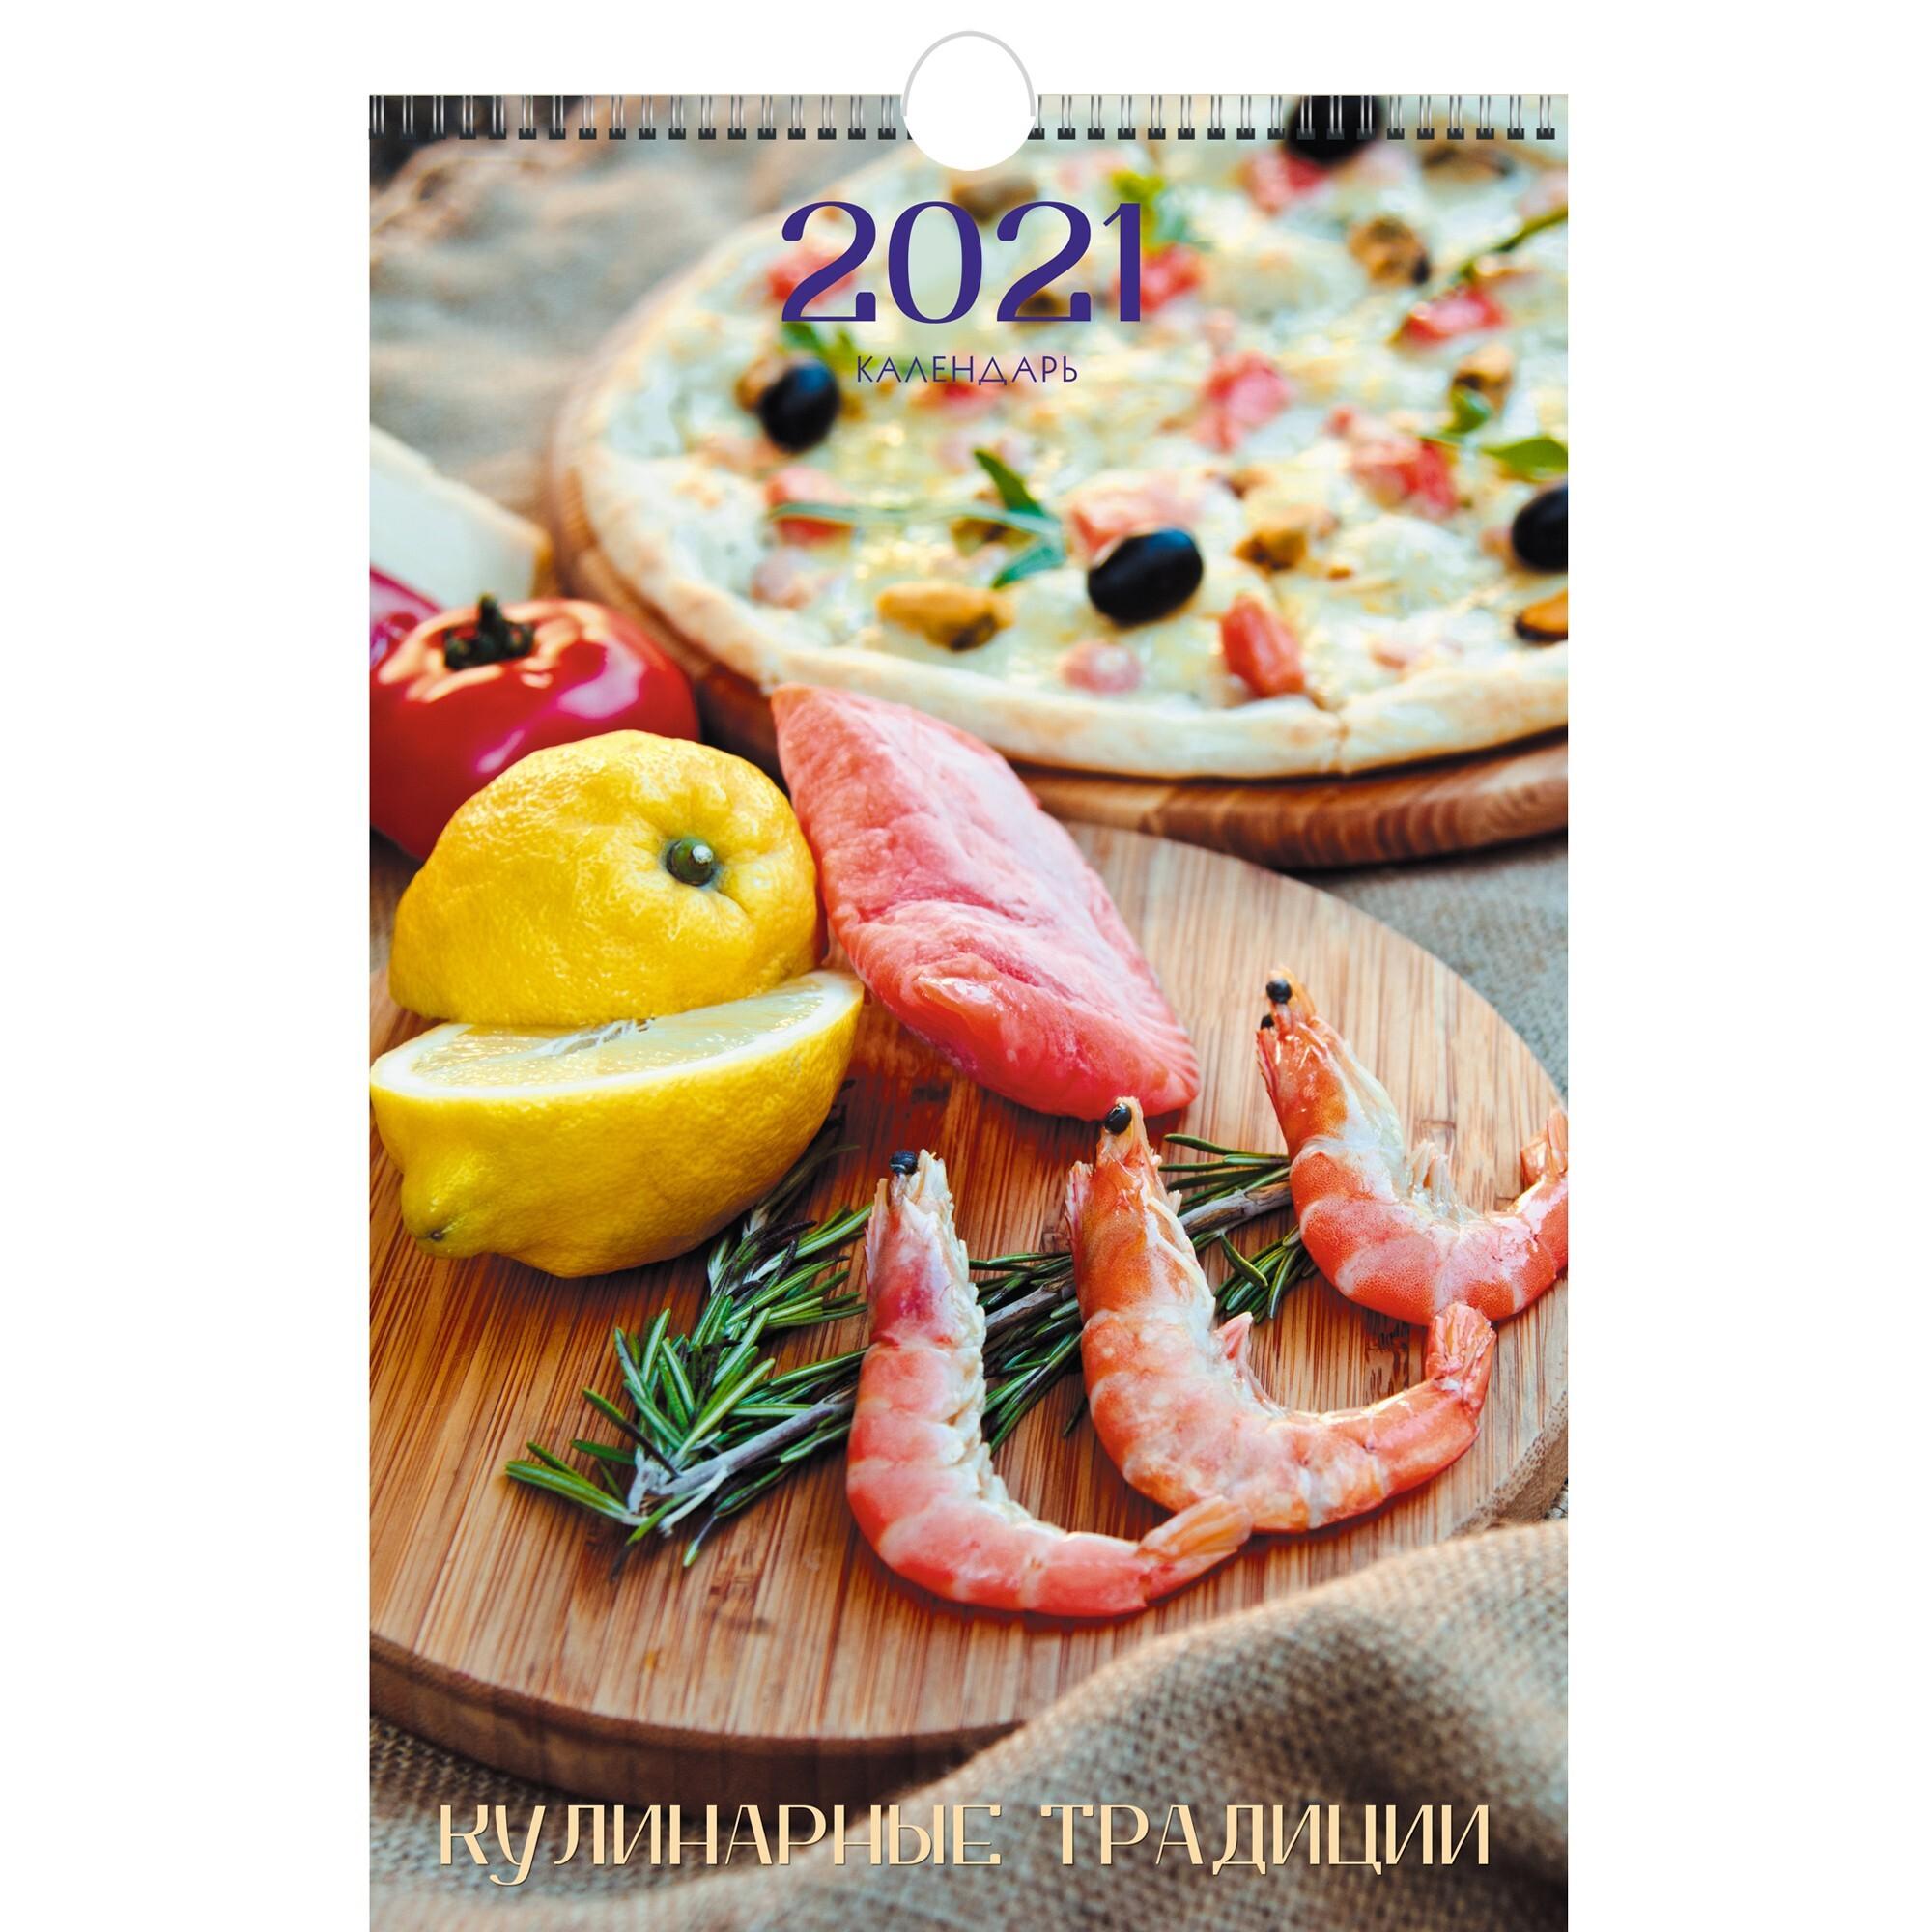 Календарь одноблочный средний Кулинарные шедевры (дизайн 2) на 2021 год.